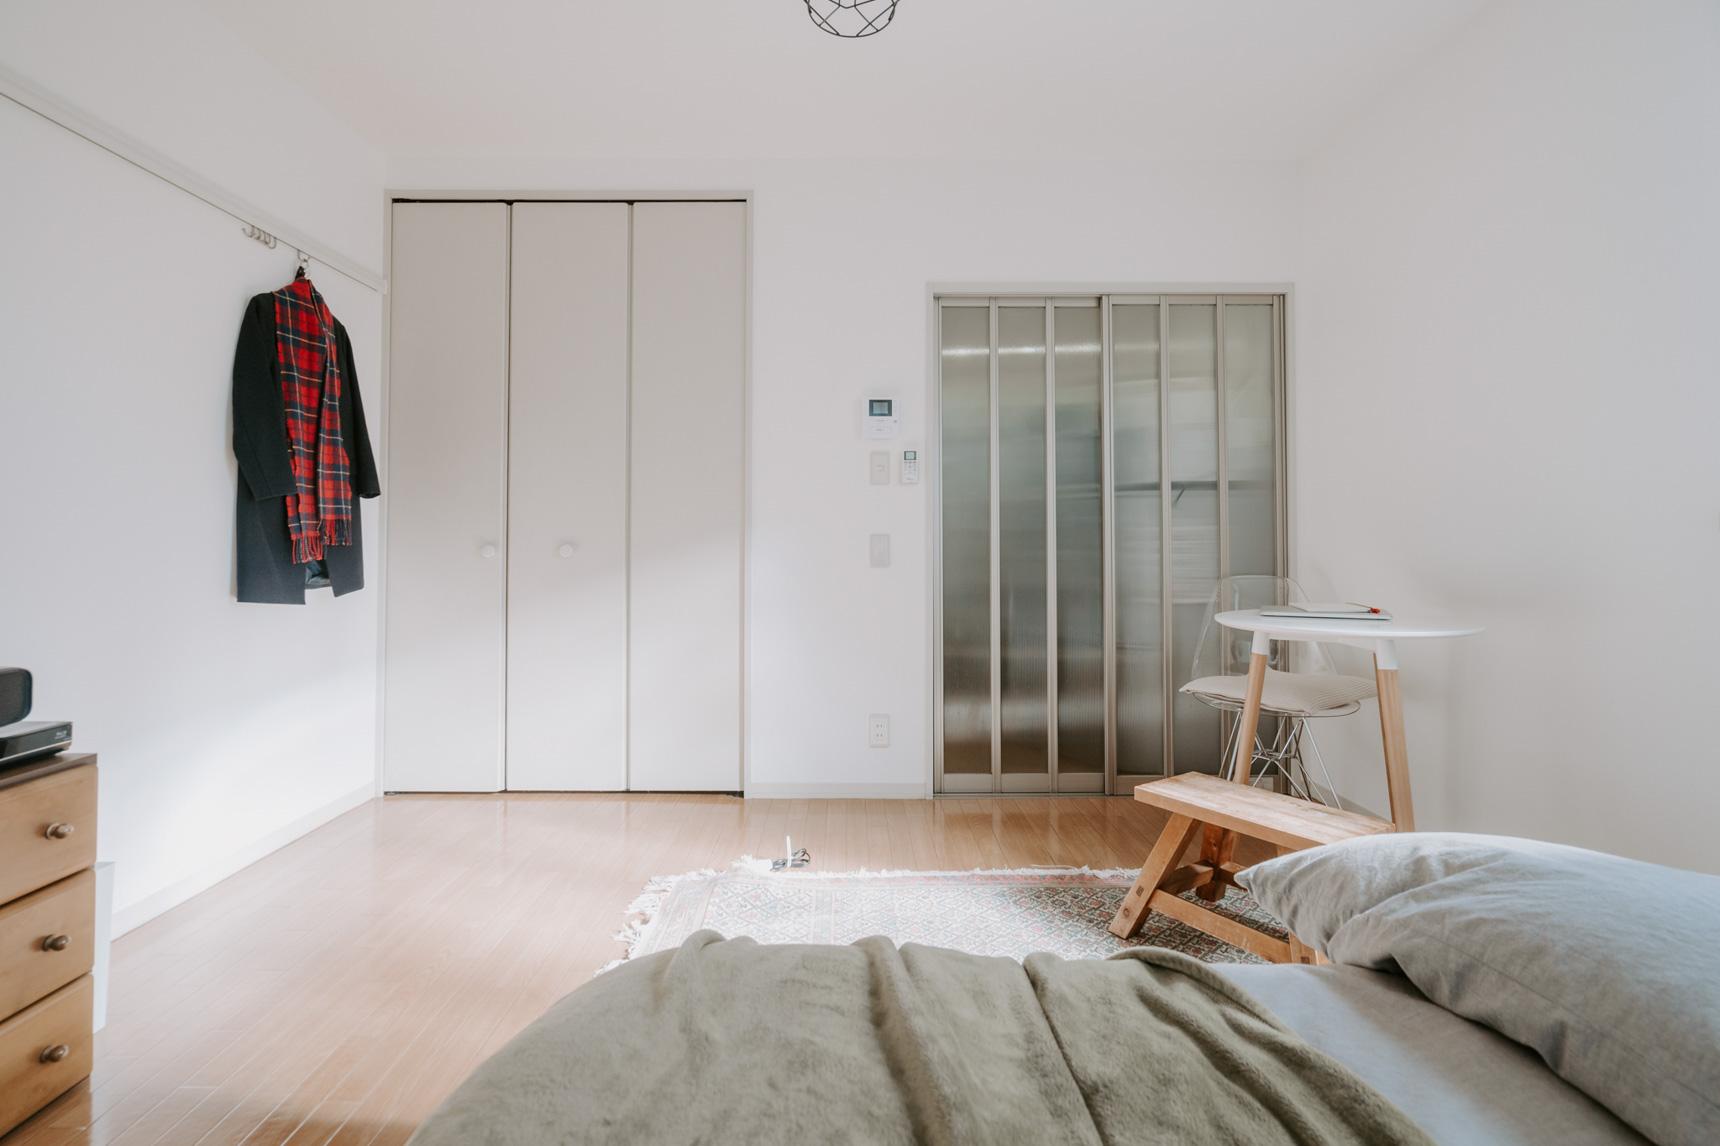 床をなるべく広く見せるようにしているため、開放感があって気持ち良い空間になっています。